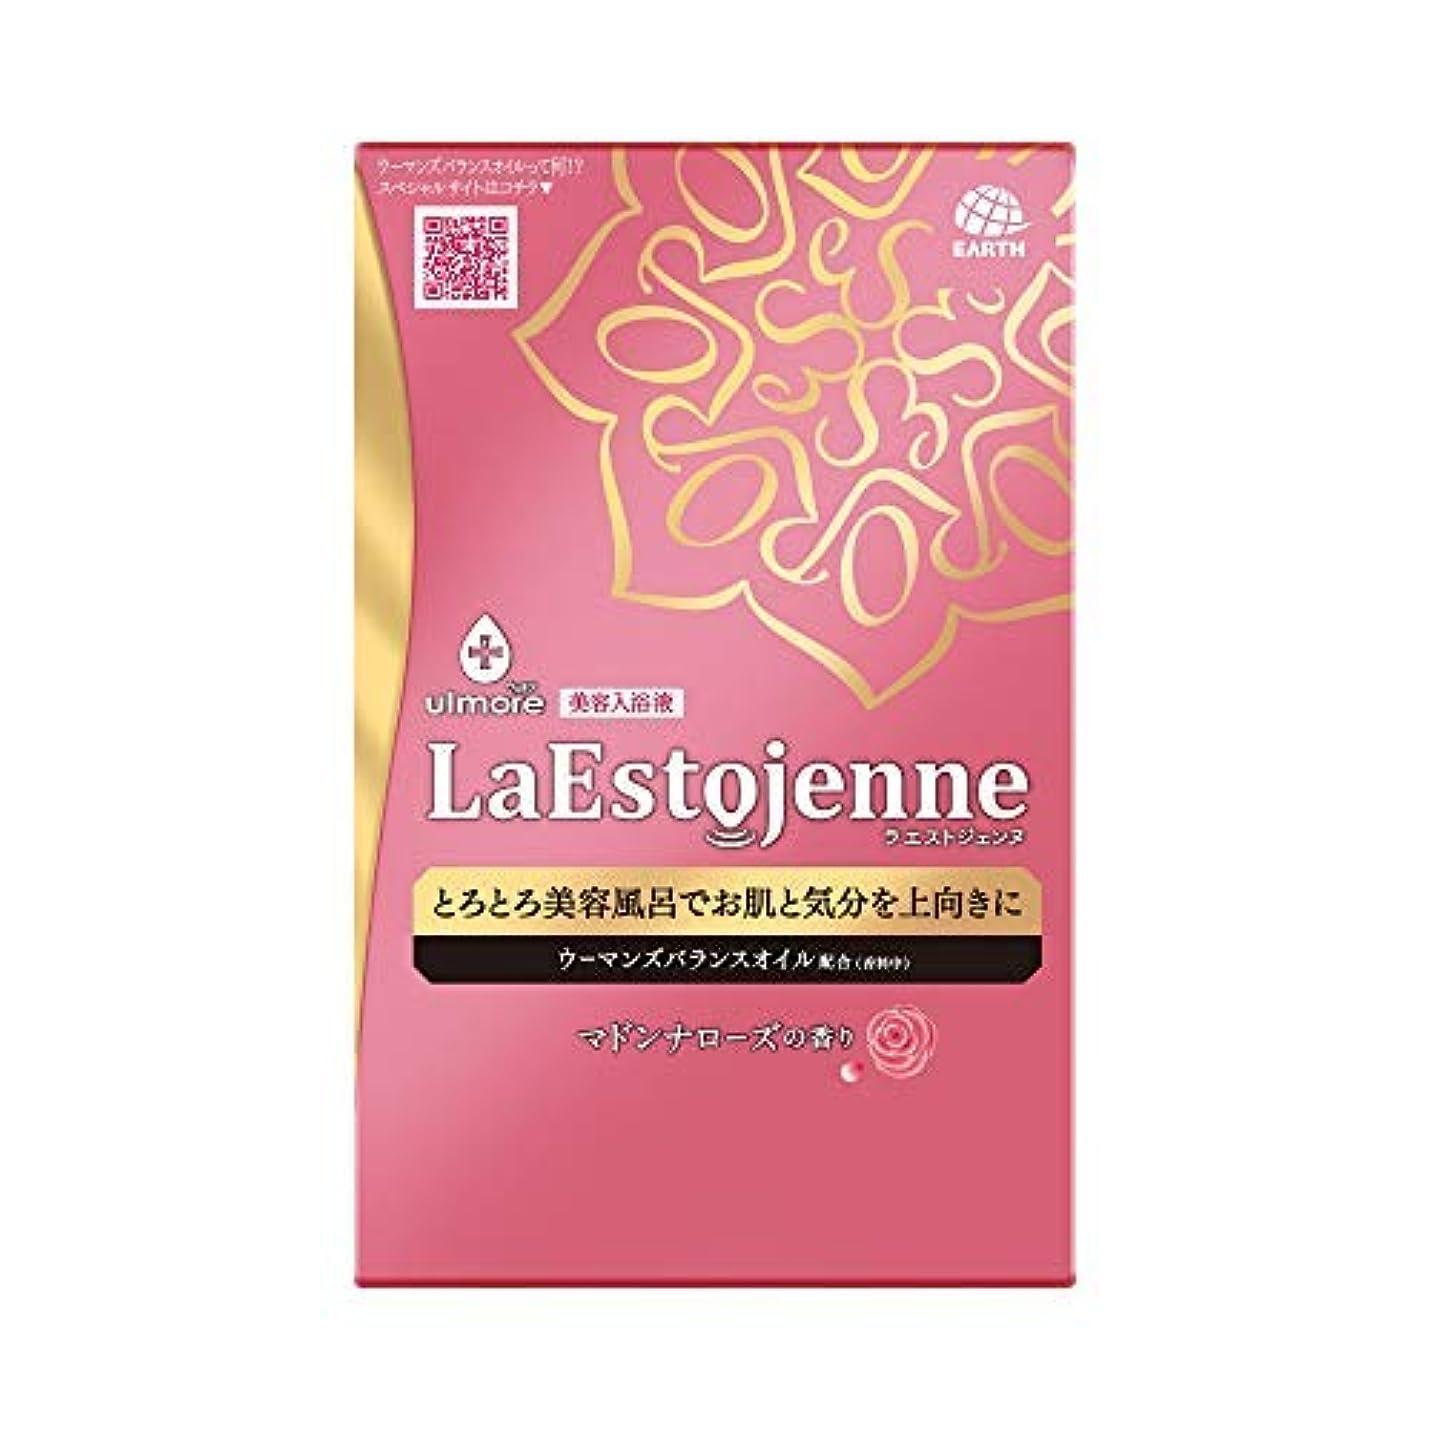 ウルモア ラエストジェンヌ マドンナローズの香り 3包入り × 3個セット